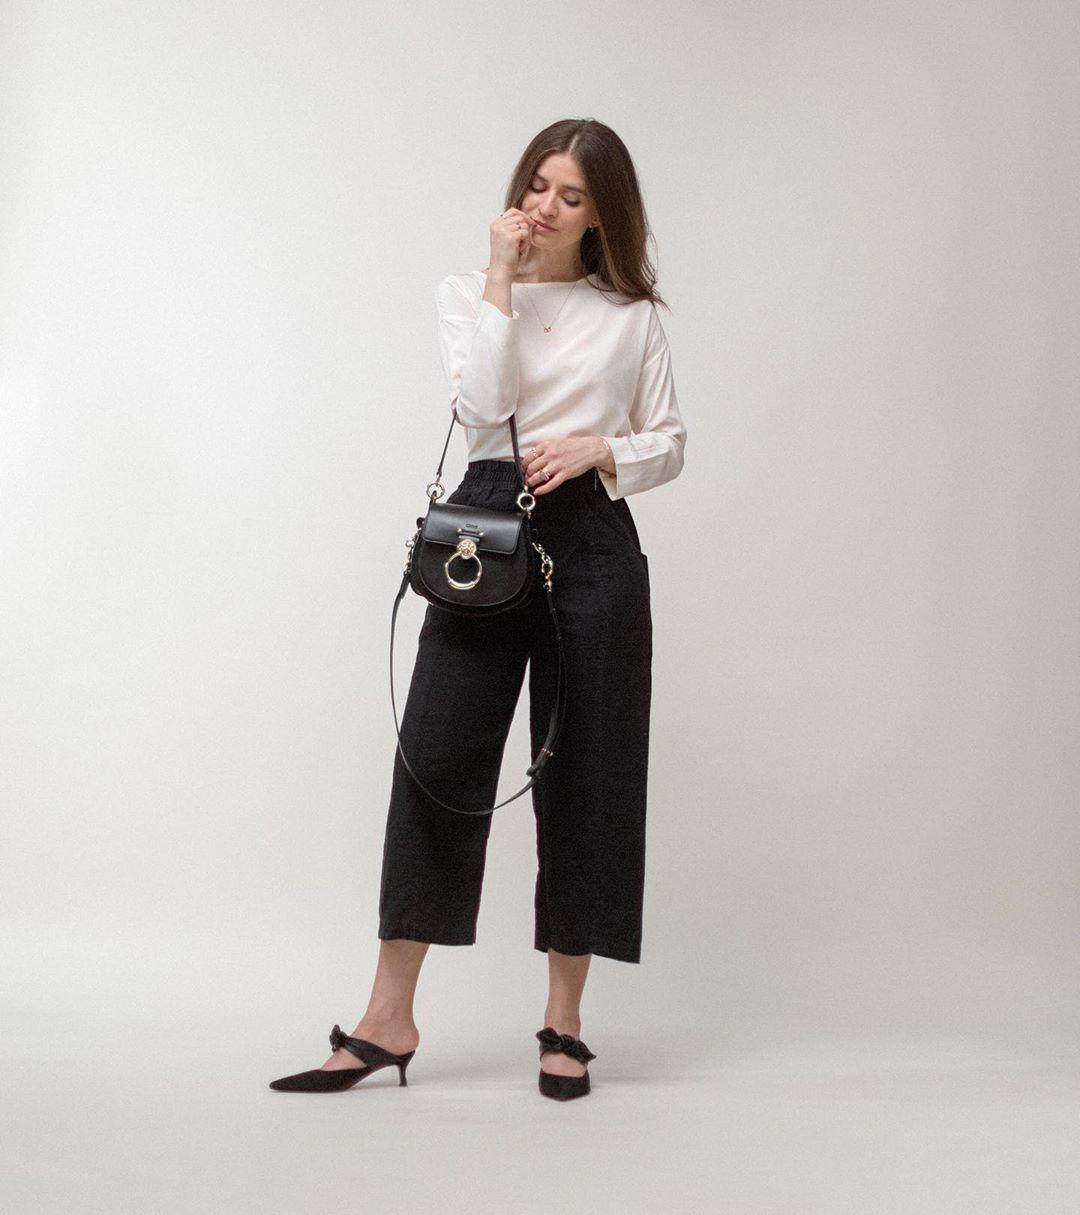 Cô gái mặc áo trắng, quần baggy đũi màu đen